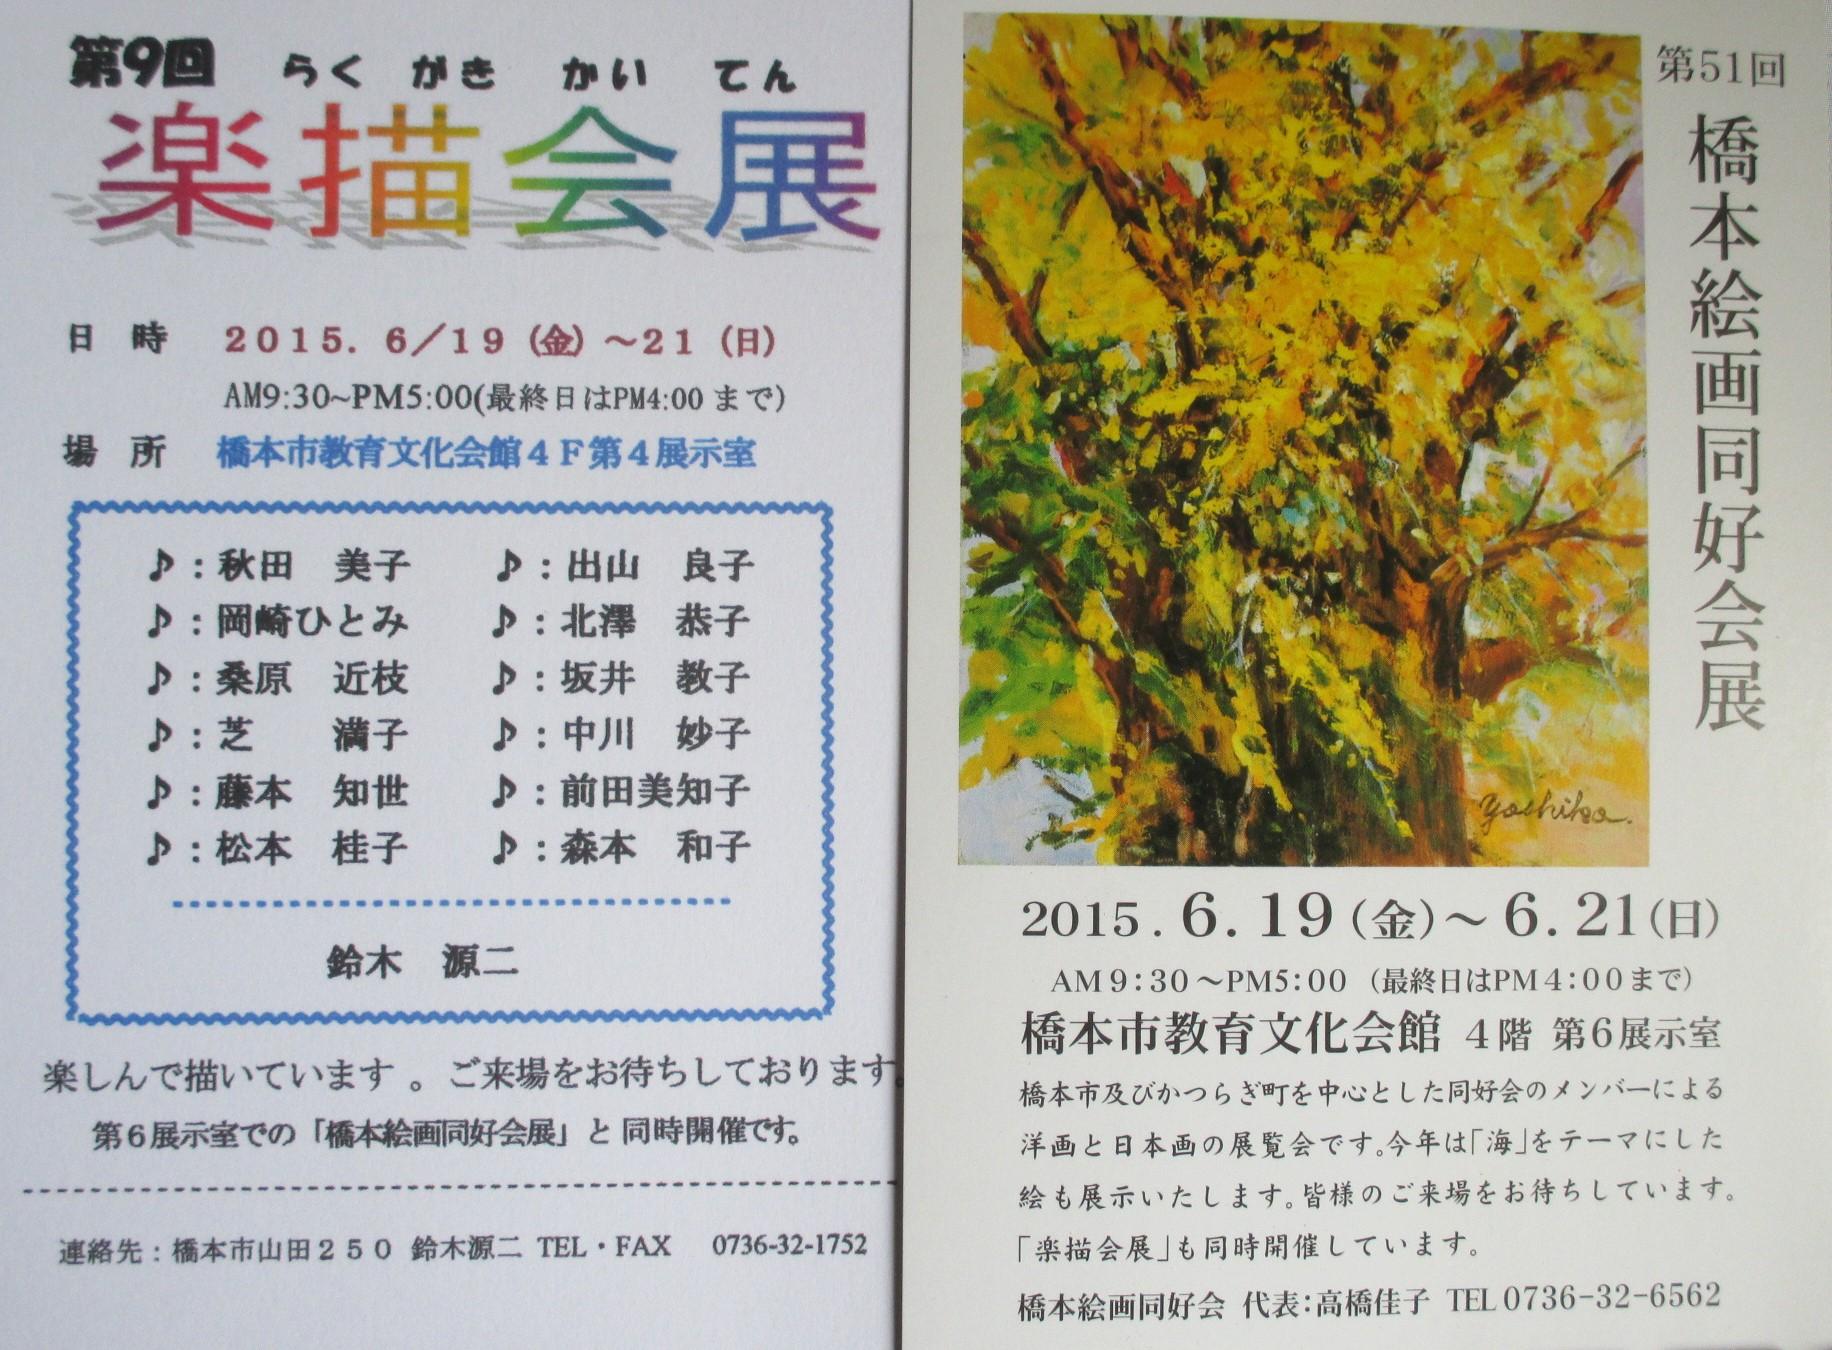 <お知らせ>19日~橋本絵画同好会展、楽描会展